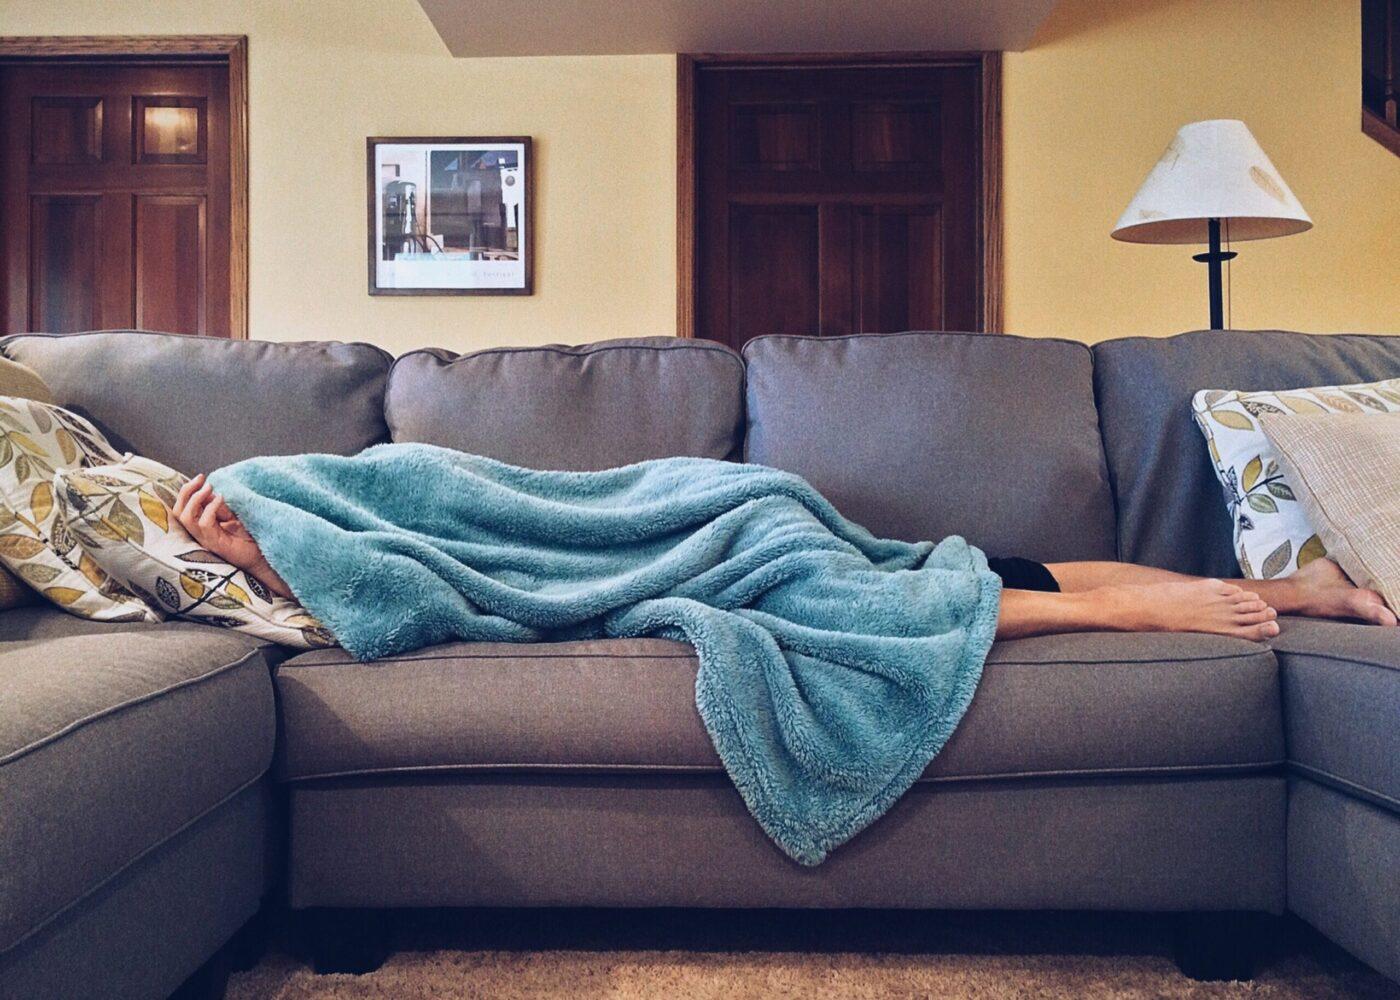 Het Gezinsleven - Lifestyle - Mindset - Tips voor de perfecte powernap - Slapen op de bank onder een deken